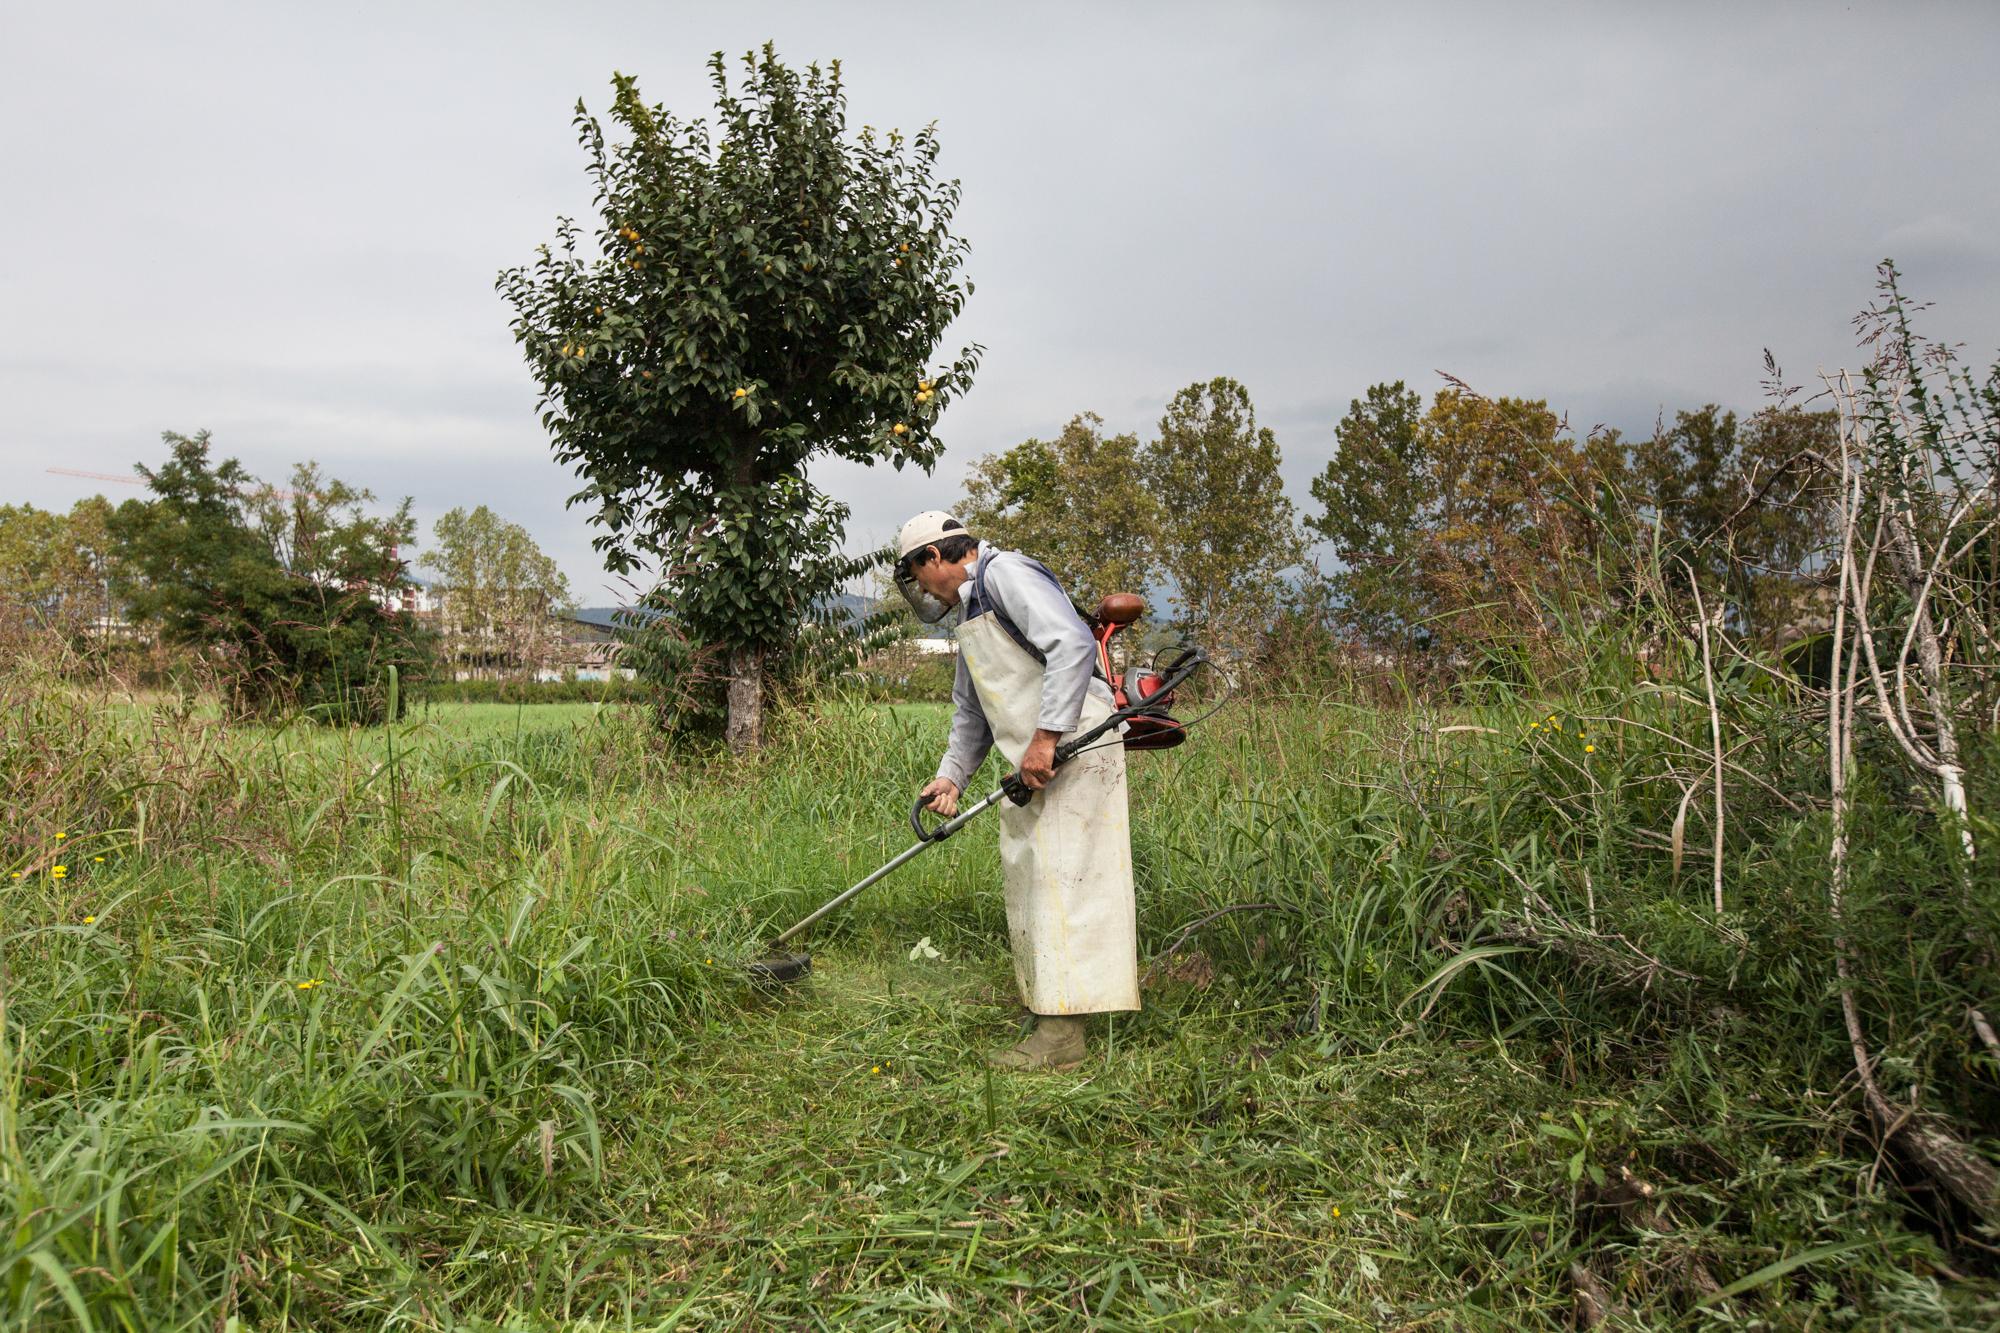 Un agricoltore taglia l'erba del suo terreno, nonostante le ordinanze comunali vietino il contatto diretto con il terreno.Brescia / Italia. Ottobre 2013